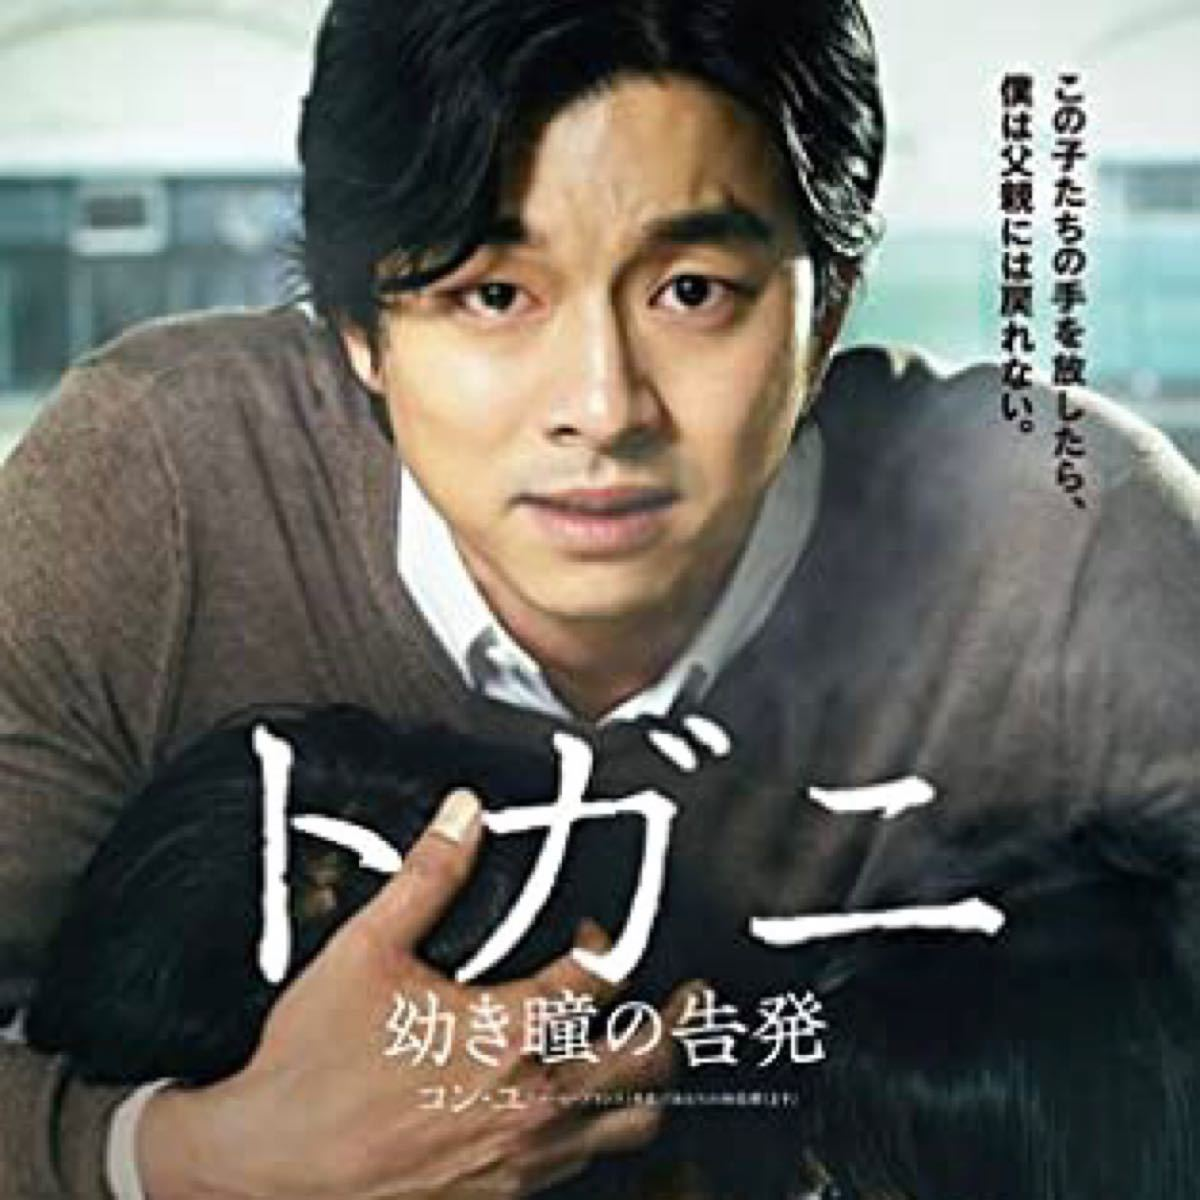 韓国映画  コン・ユ  出演映画  DVD  3点セット+選べるおまけ1枚  合計4枚 レーベル有り 入替可能です